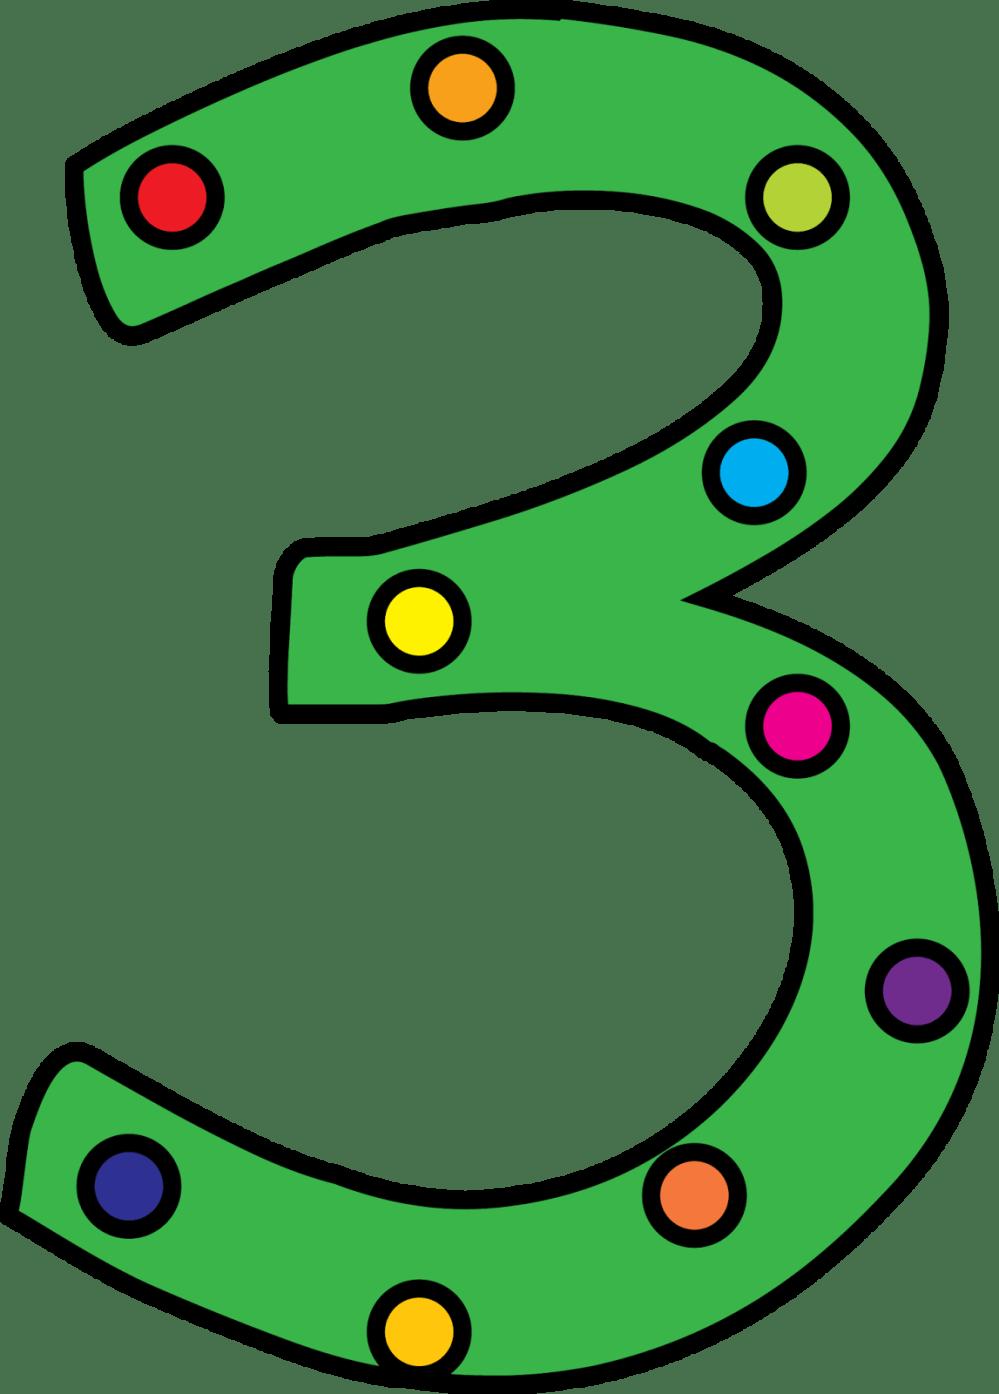 medium resolution of number 3 vector clip art 9e6 number 3 clip art